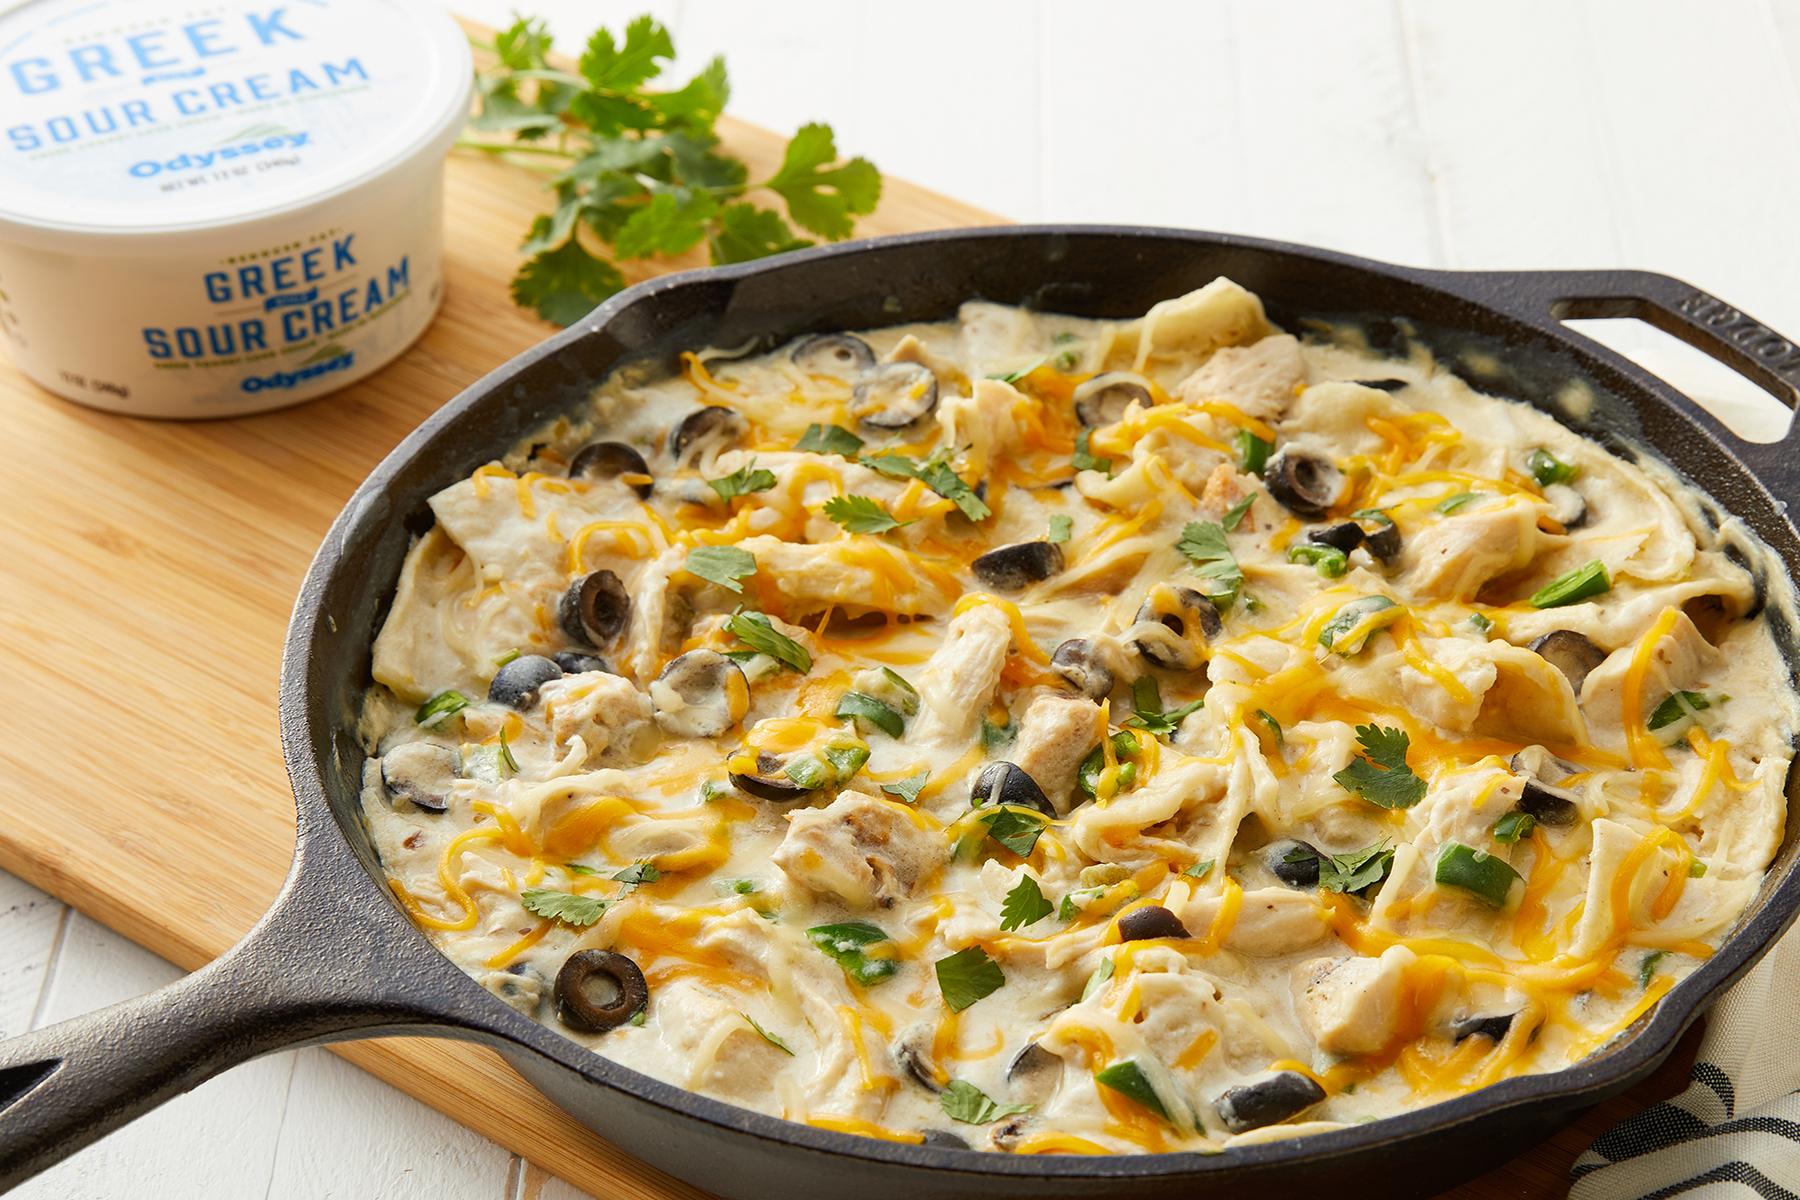 Greek Sour Cream Chicken Enchilada Skillet